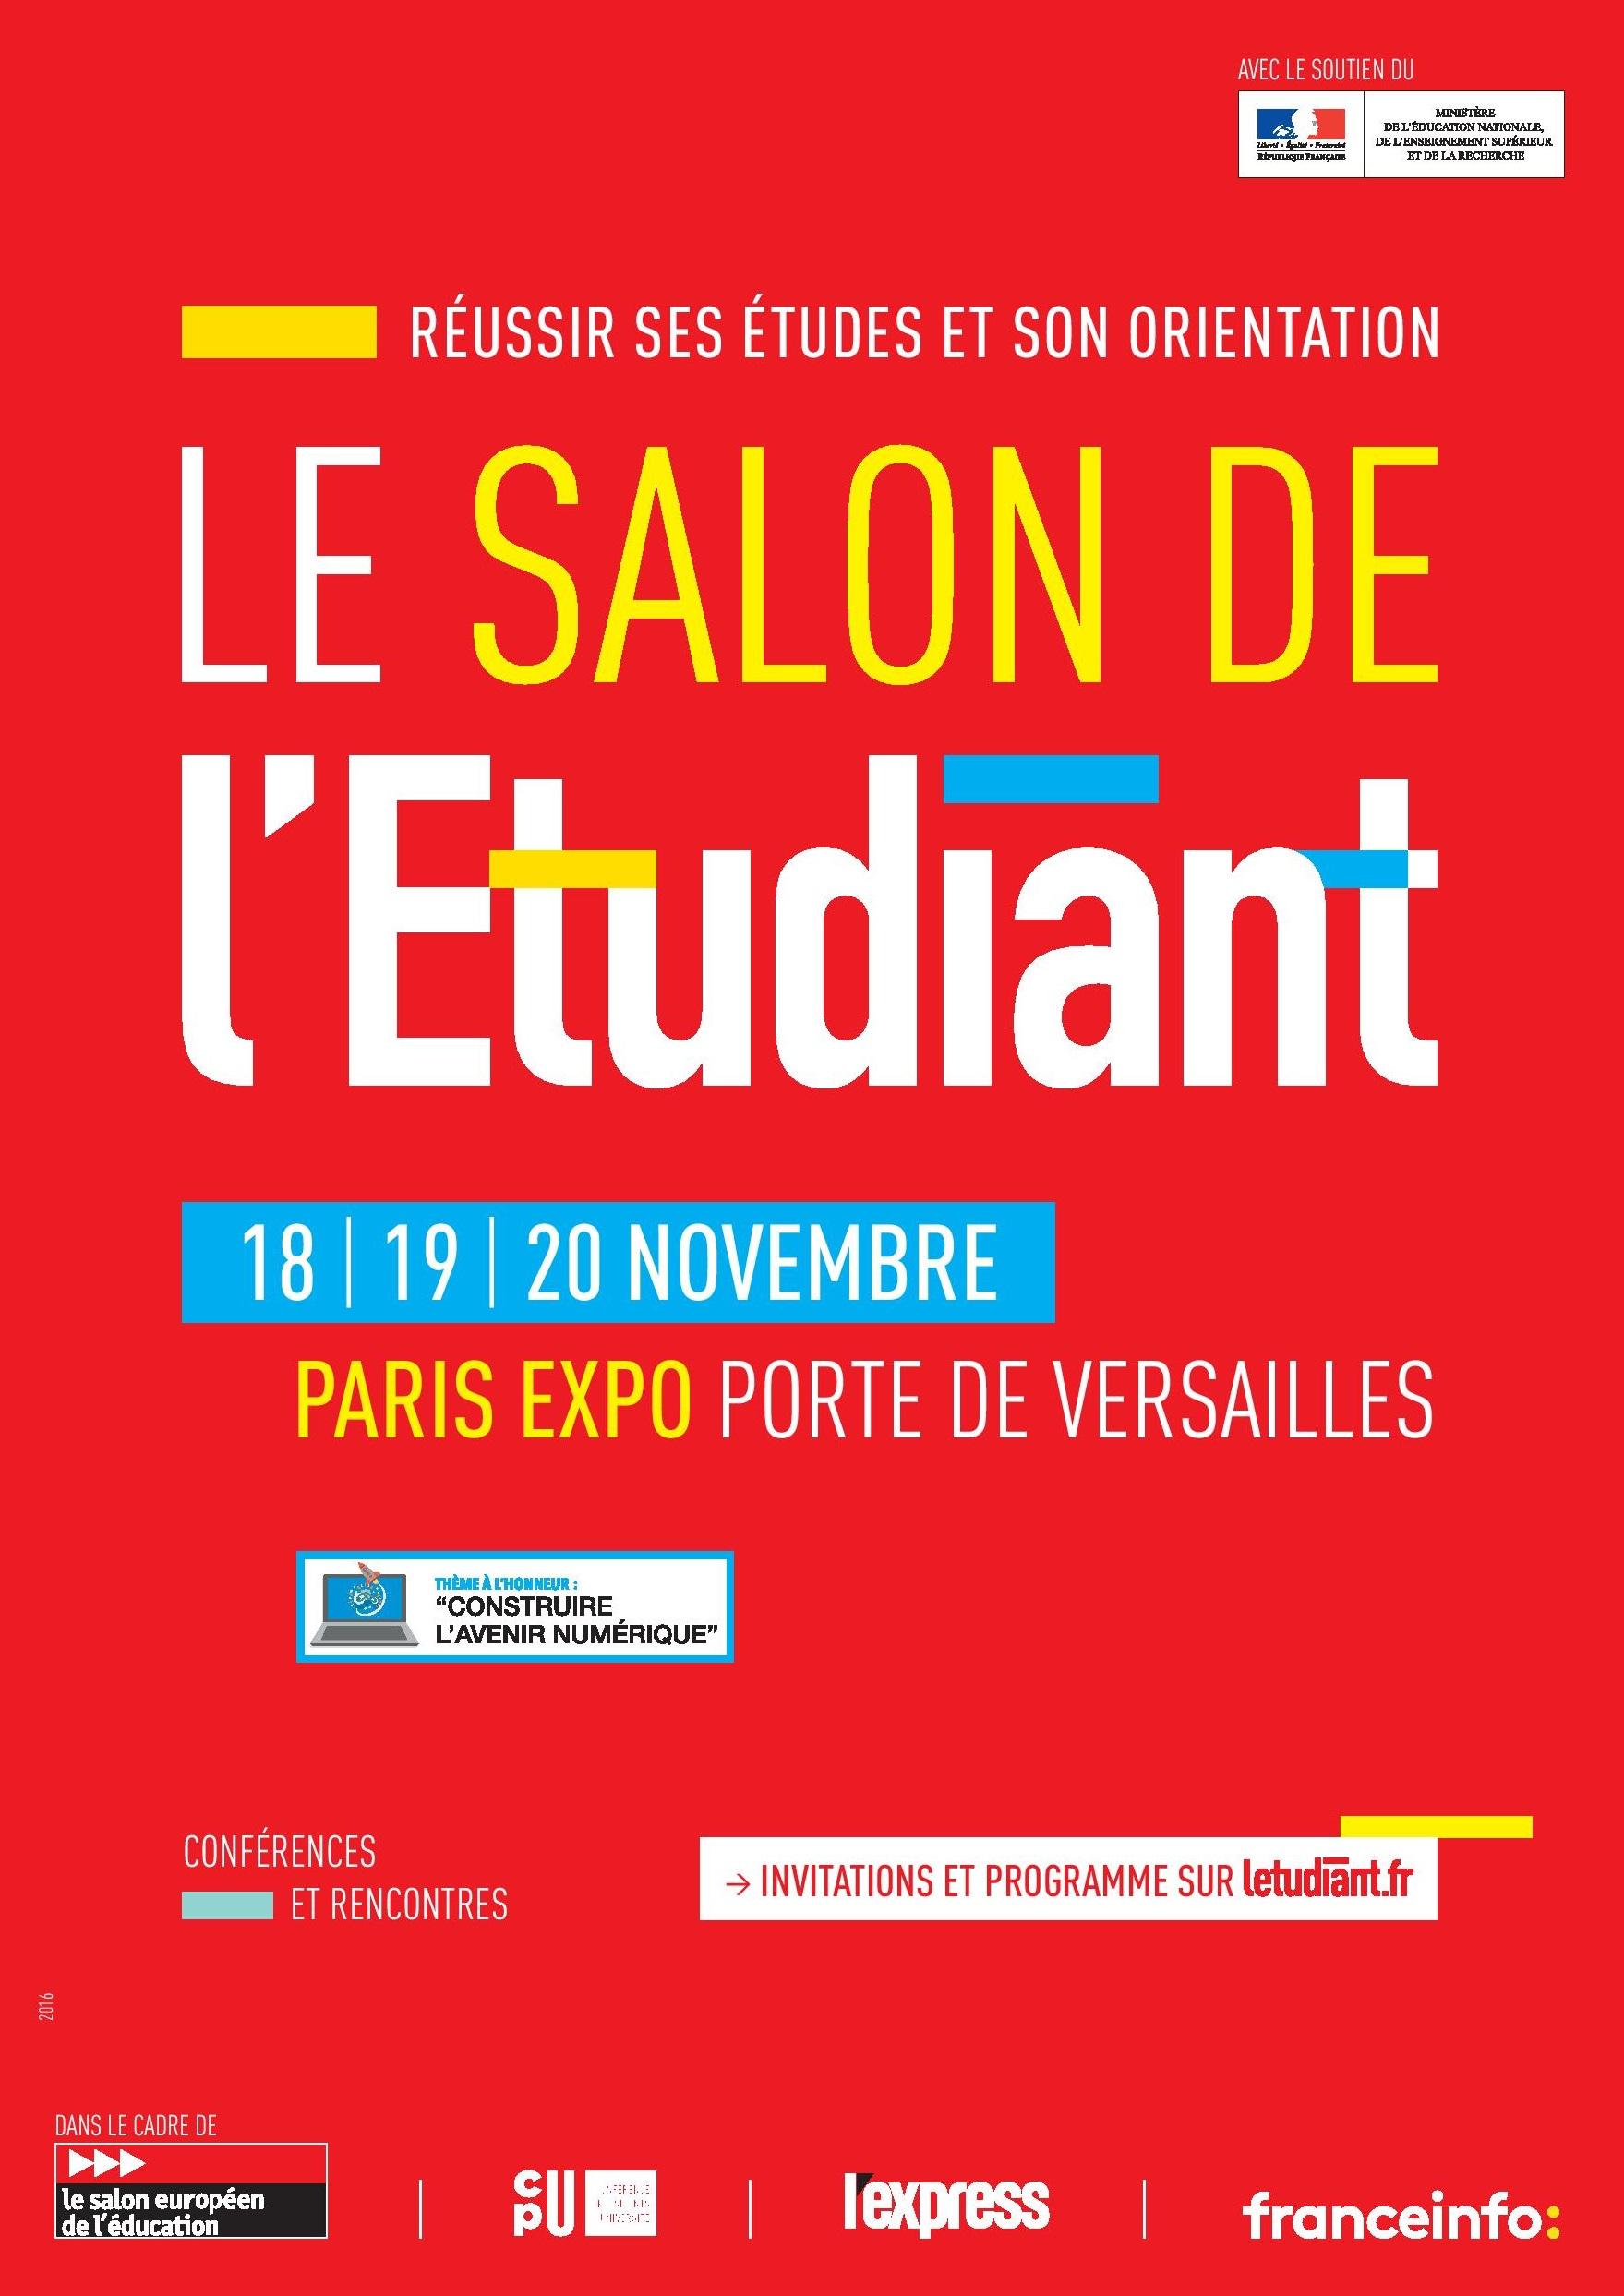 Salon de l 39 etudiant dans le cadre du salon europ en de l for Porte de versailles salon formation artistique